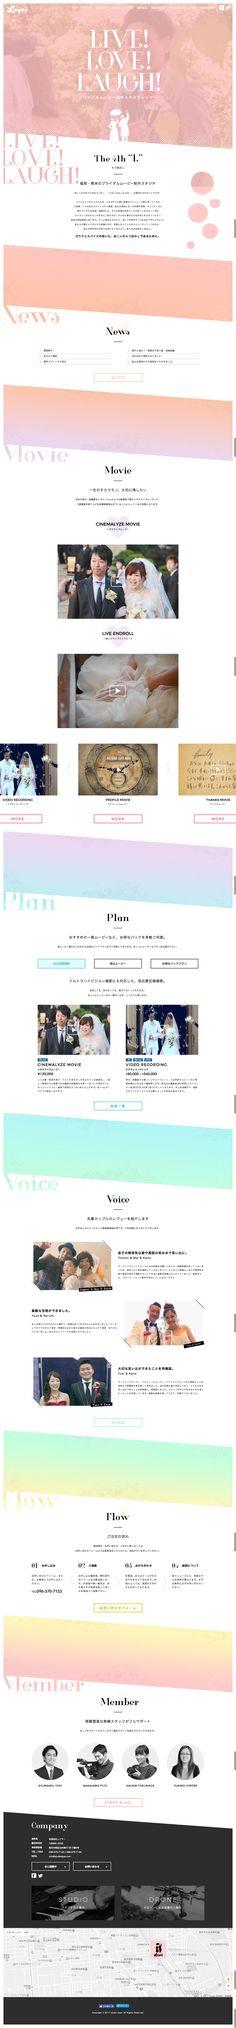 スタジオレイヤー   福岡・熊本の結婚式撮影、プロフィールビデオ、ライブエンドロール制作